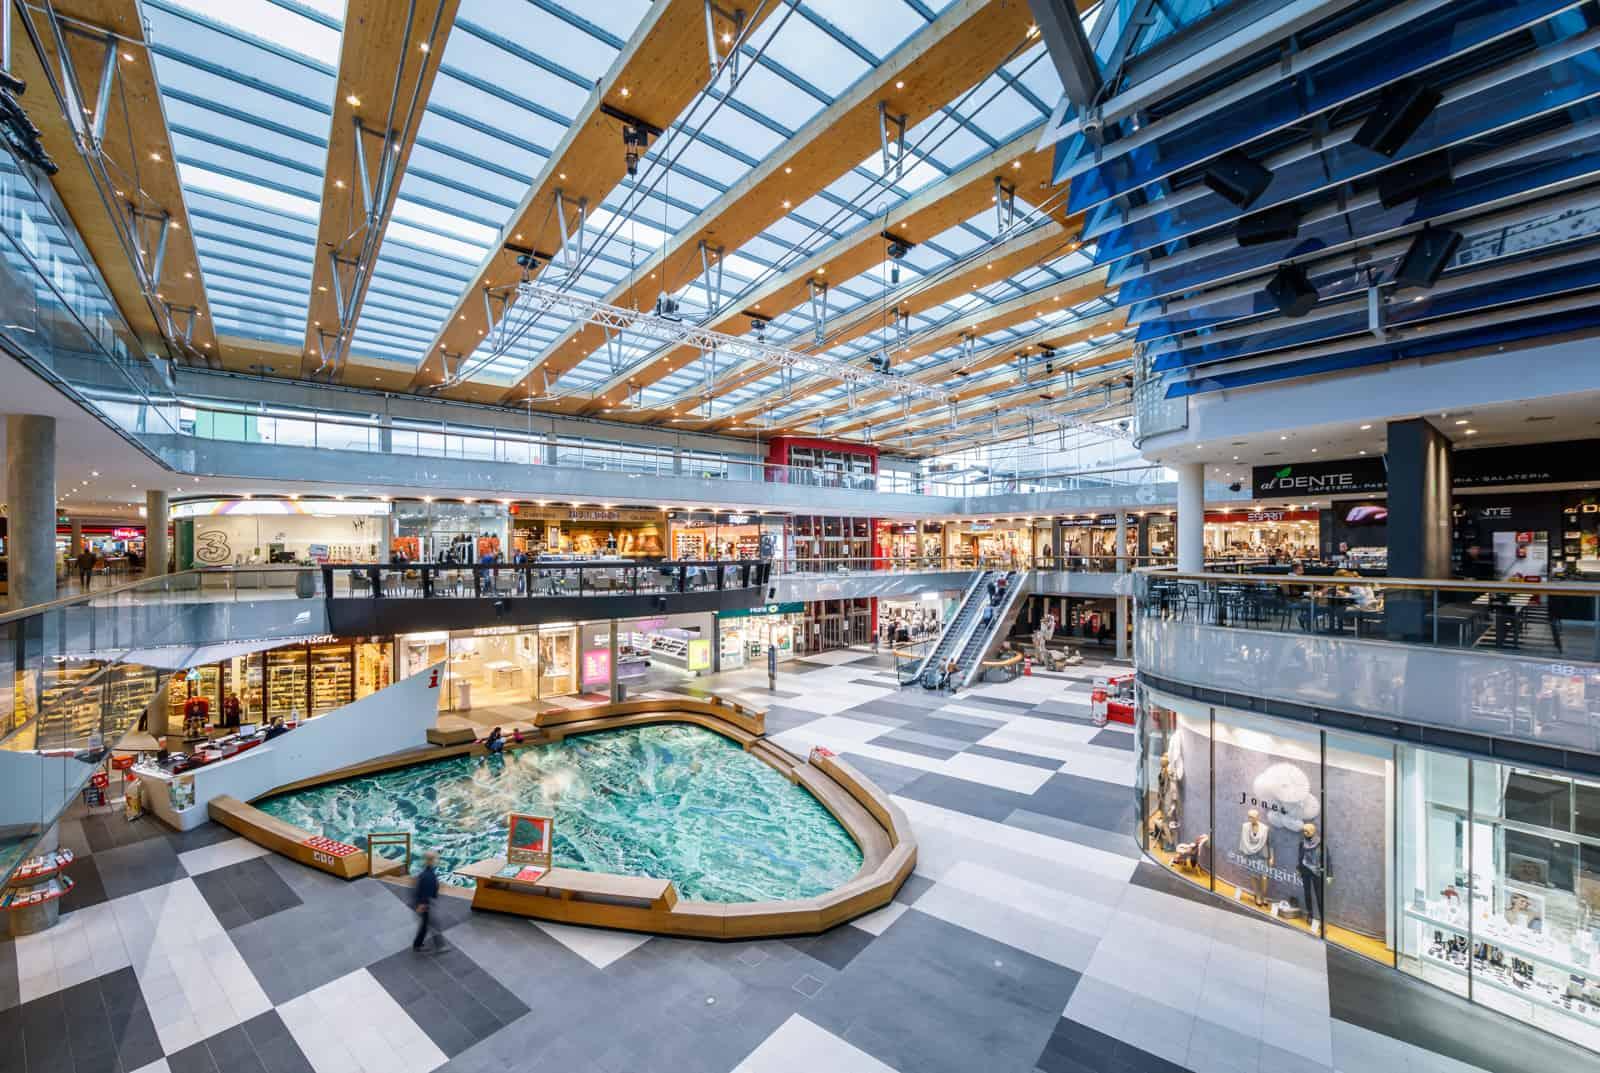 Ganzjährig geöffnetes Atrio Einkaufszentrum in Villach - Kärnten